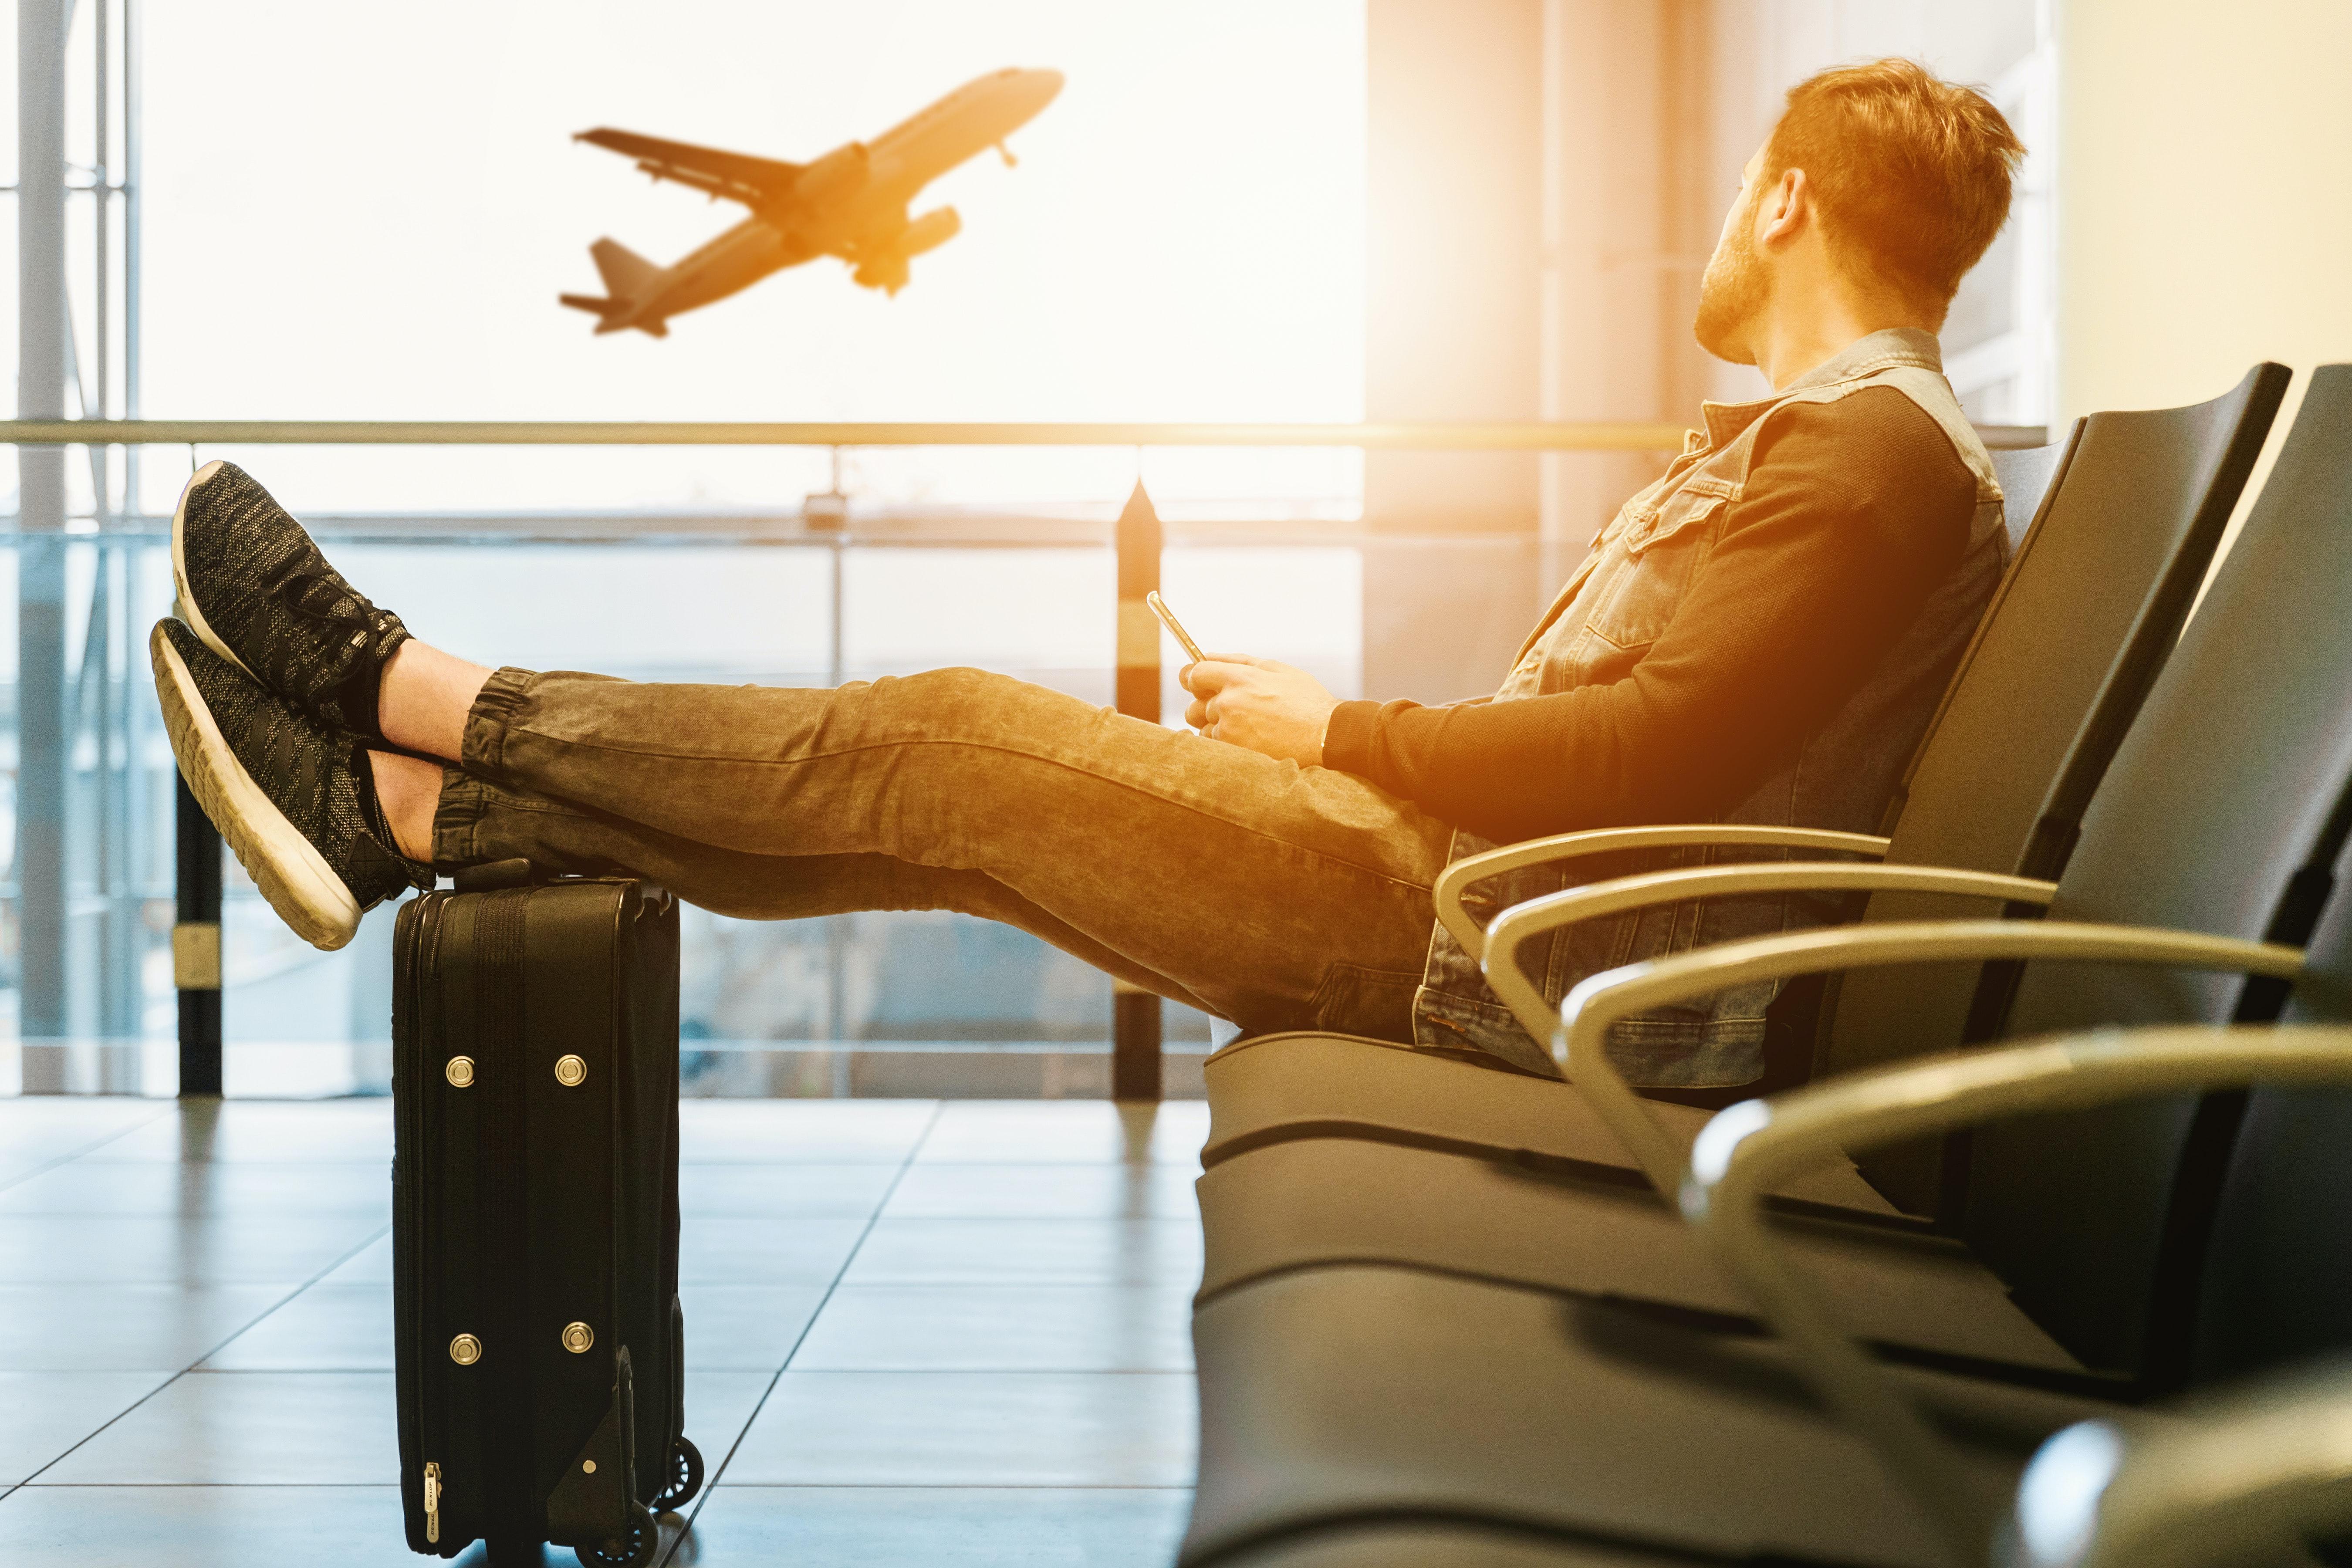 Comment les compagnies aériennes et les aéroports s'organisent-ils pour intégrer les mesures sanitaires liées au Covid-19 ?